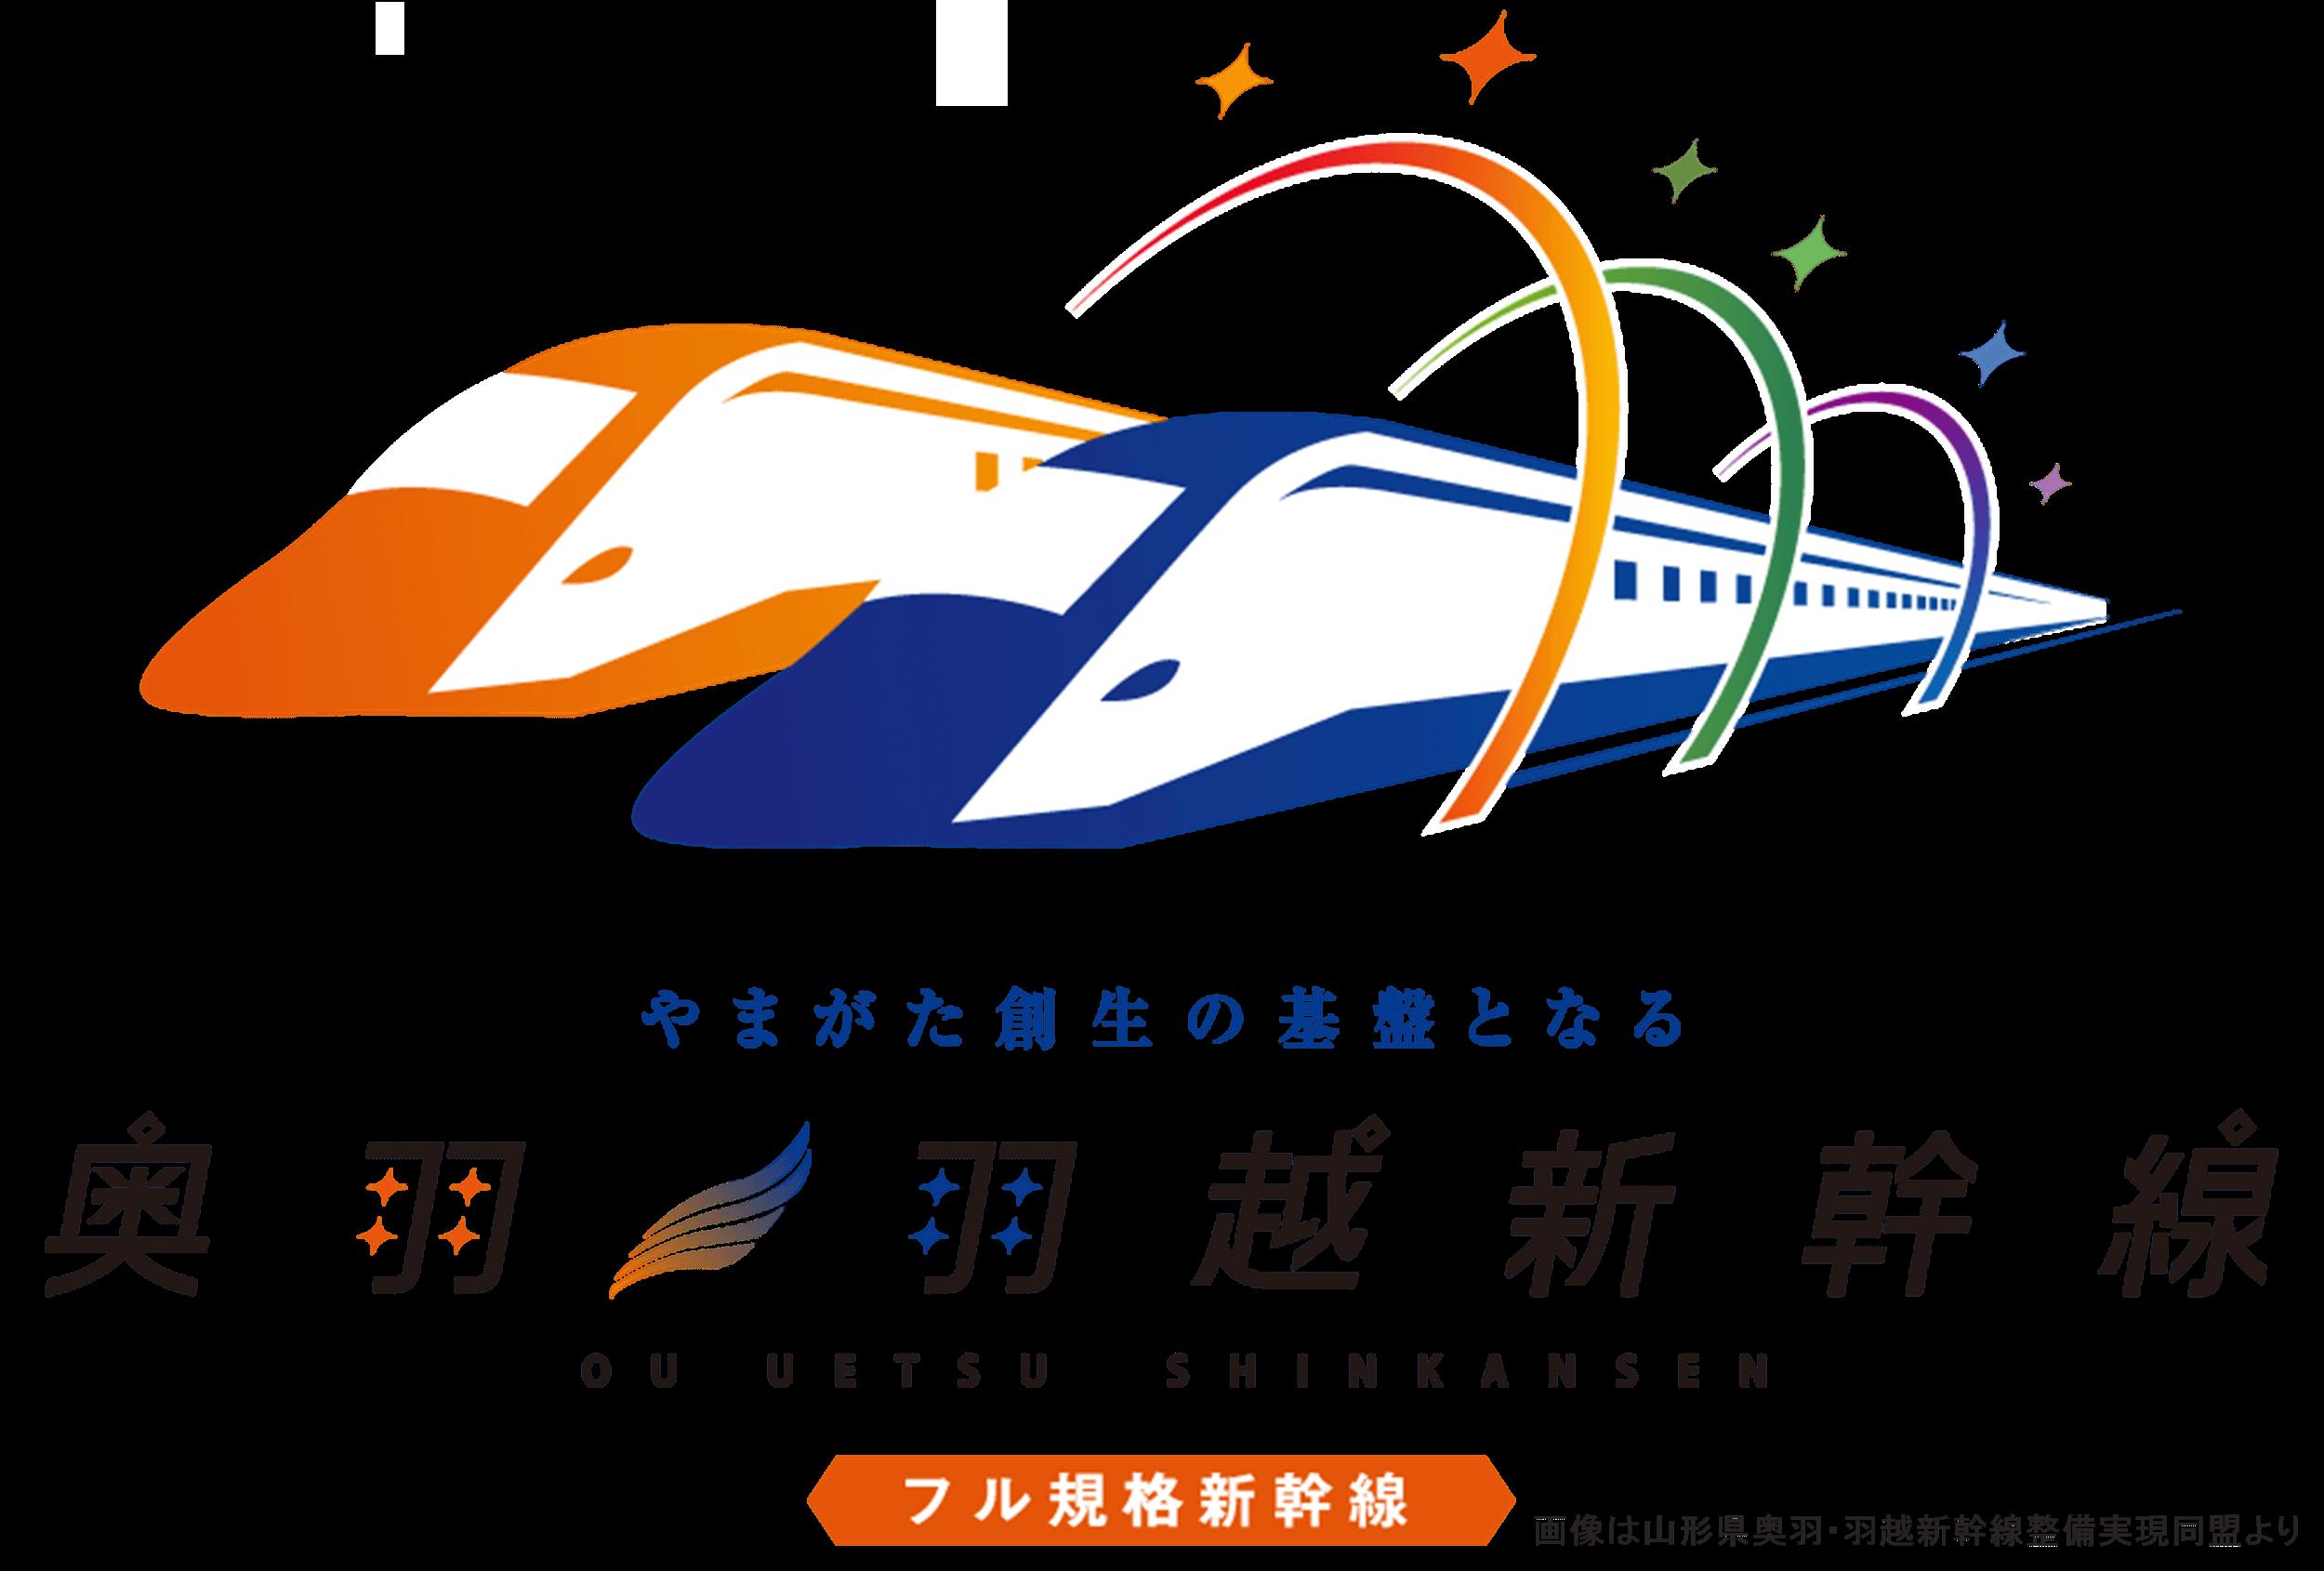 税金でクソガバ報告書作成し計画頓挫か! 奥羽新幹線・羽越新幹線ダイヤ改正予測(2045年予定)